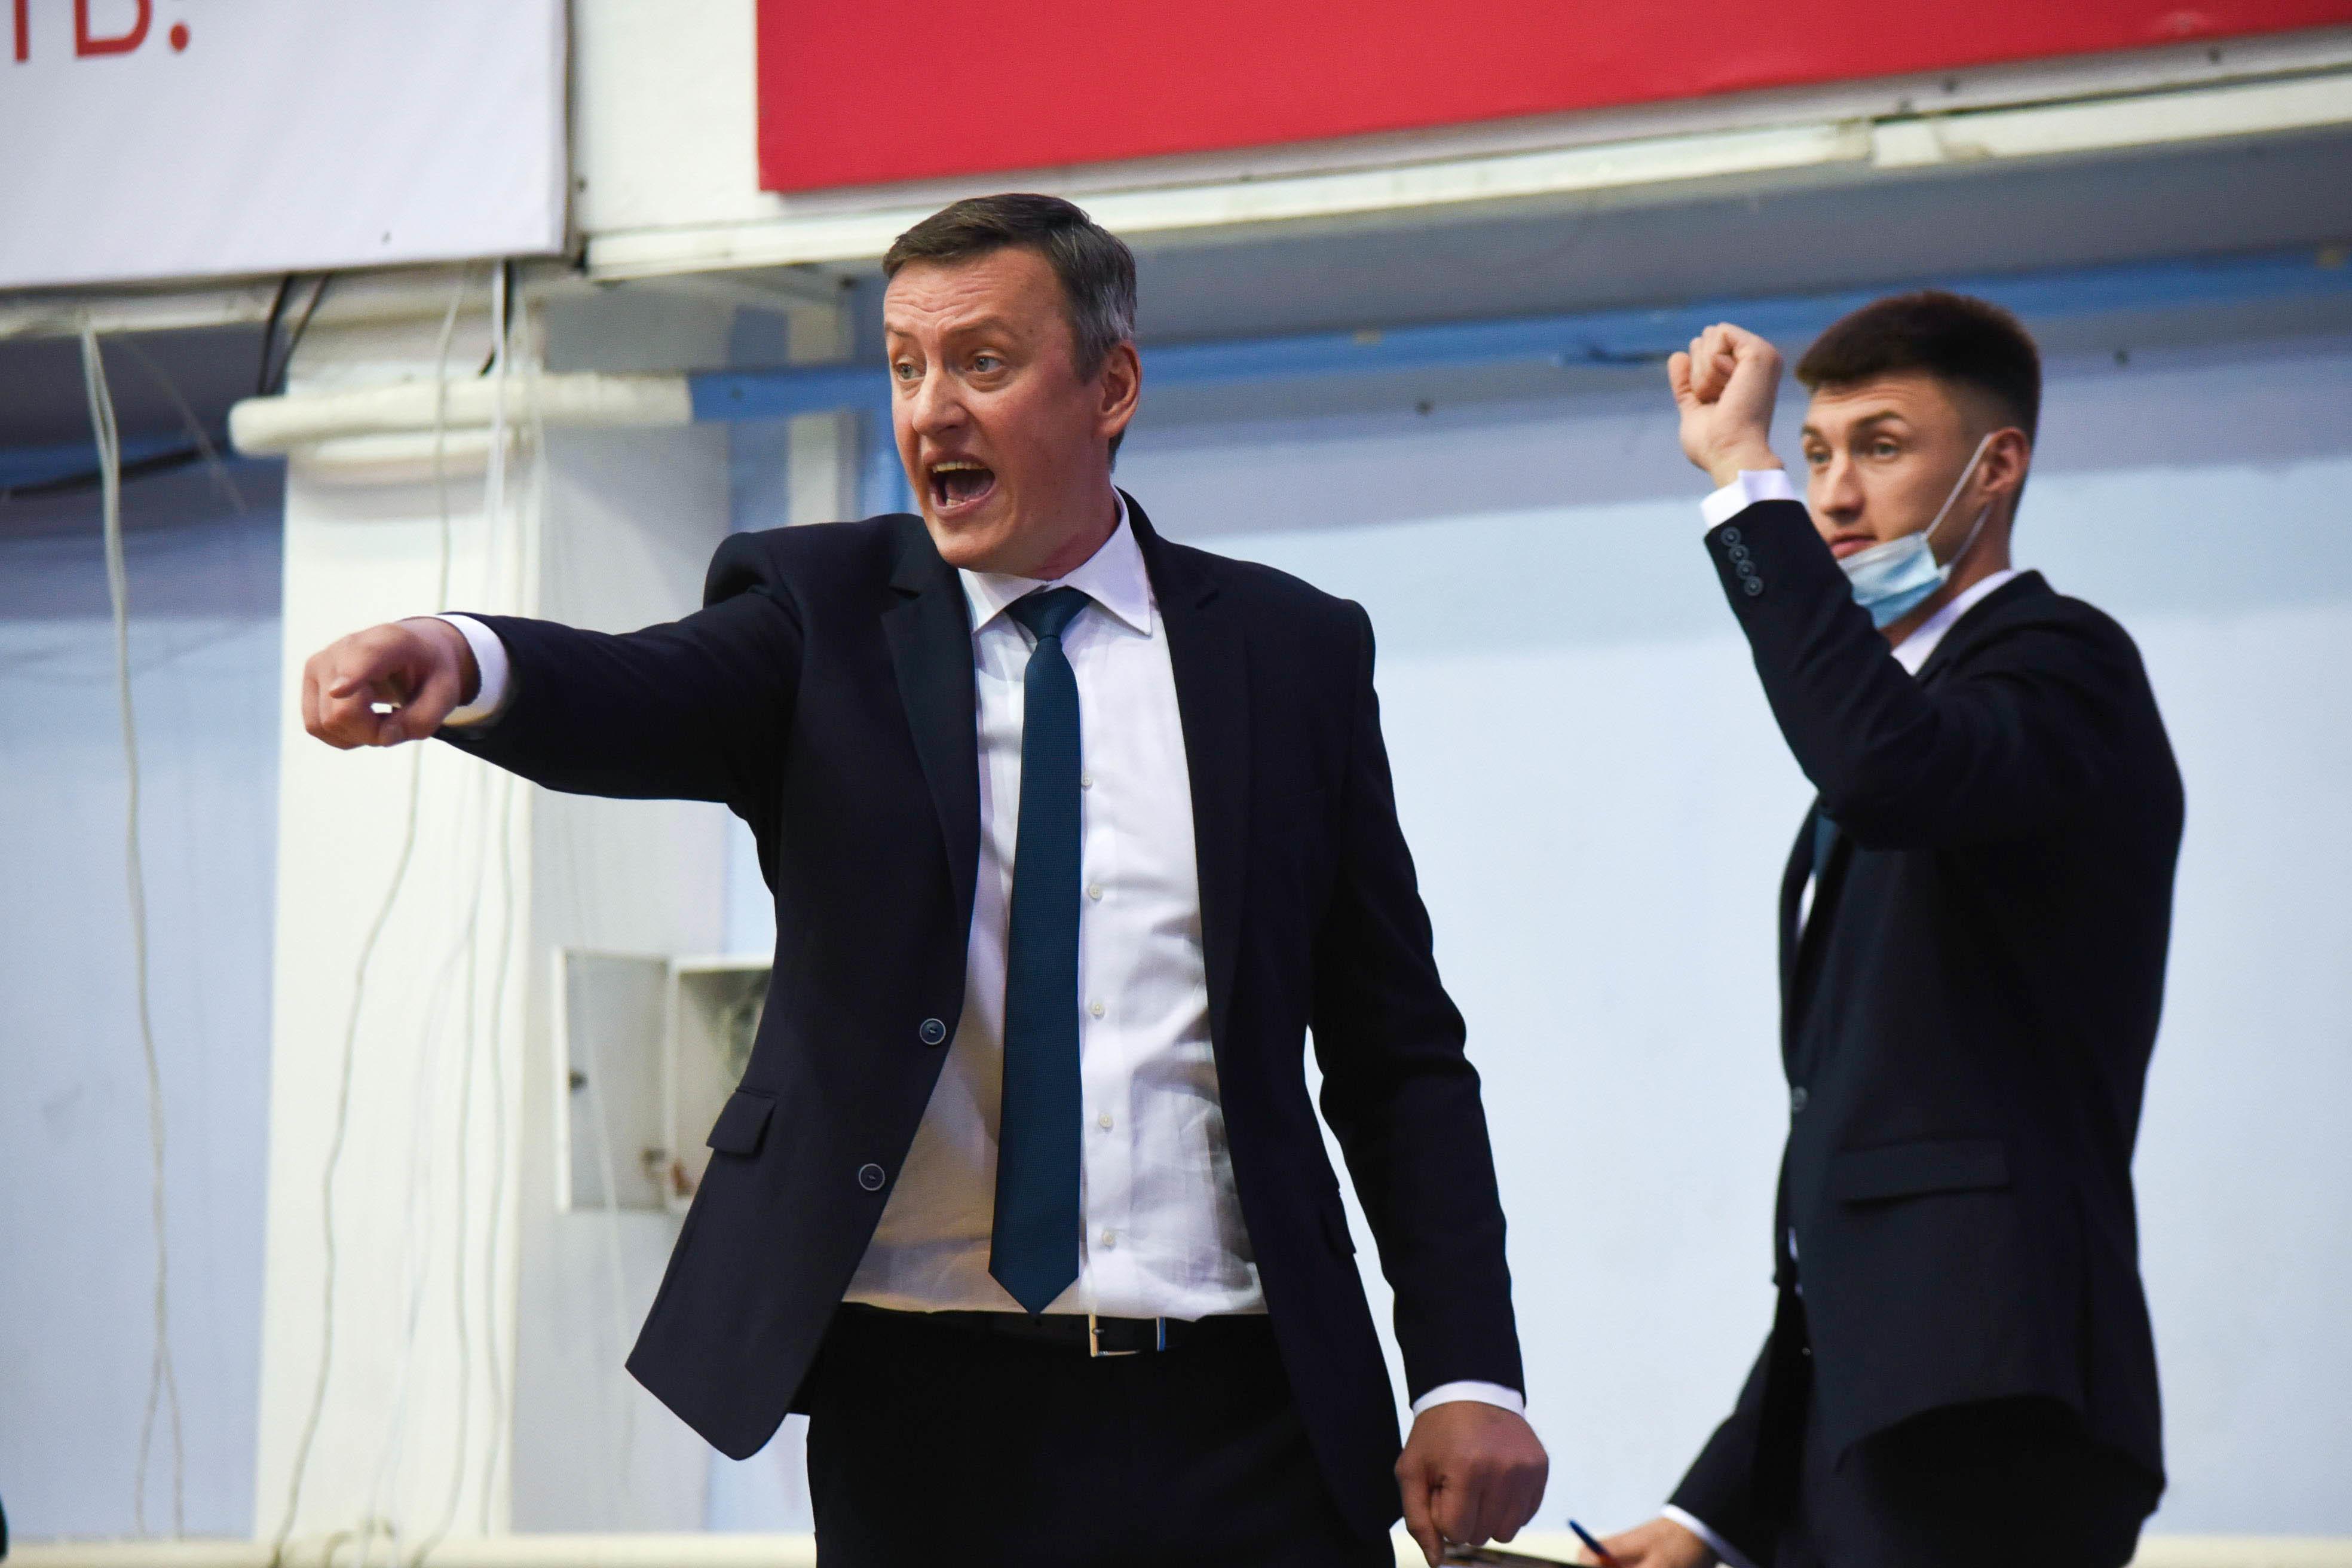 Миколаїв виграв у Кривбаса стартовий матч сезону: пресконференція після матчу